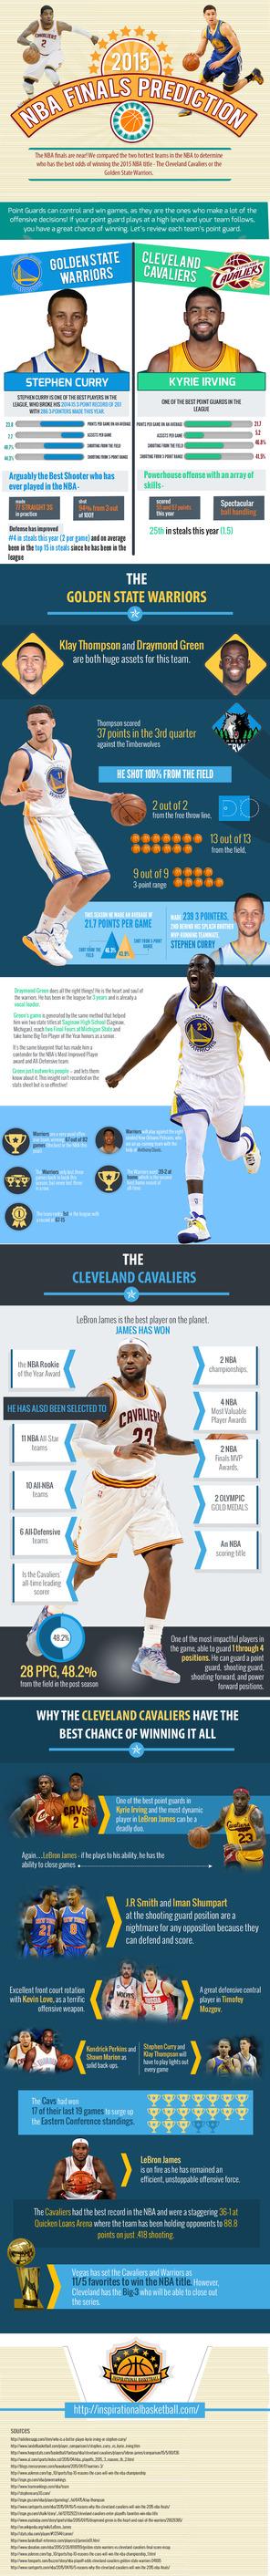 2015 NBA Finals Predictions [Infographic]